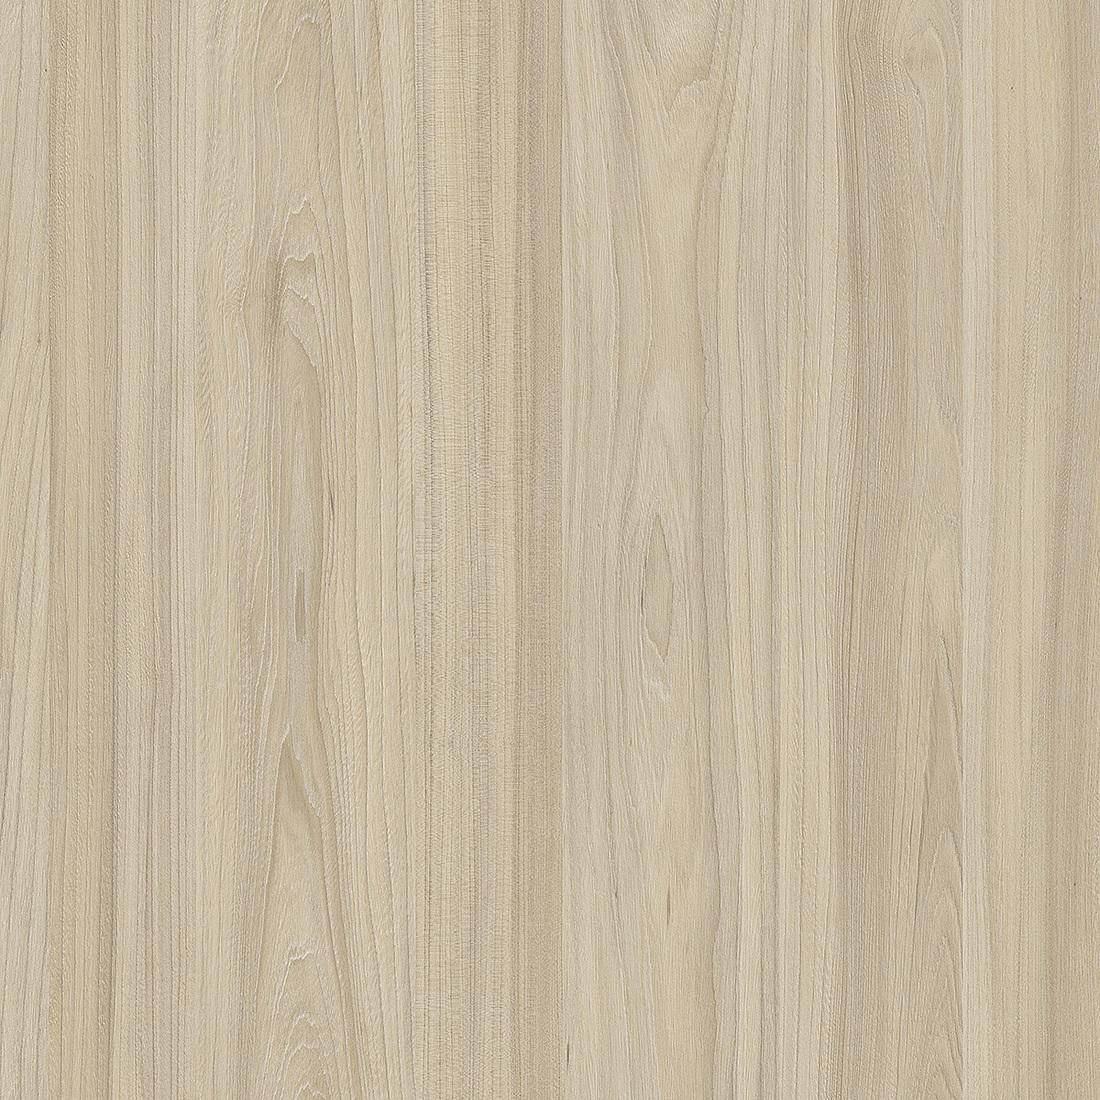 Mobile Home Manufacturer >> Decors - Kronospan - Leading manufacturer of wood-based panels